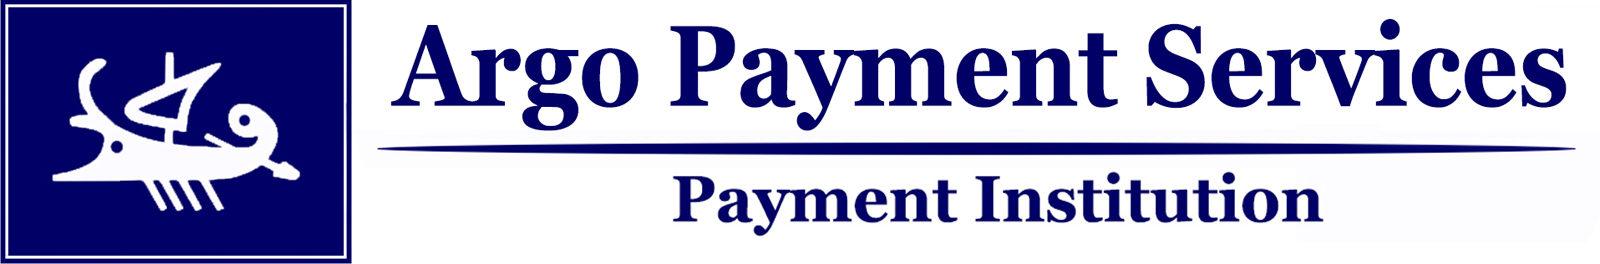 Argo Payment Services